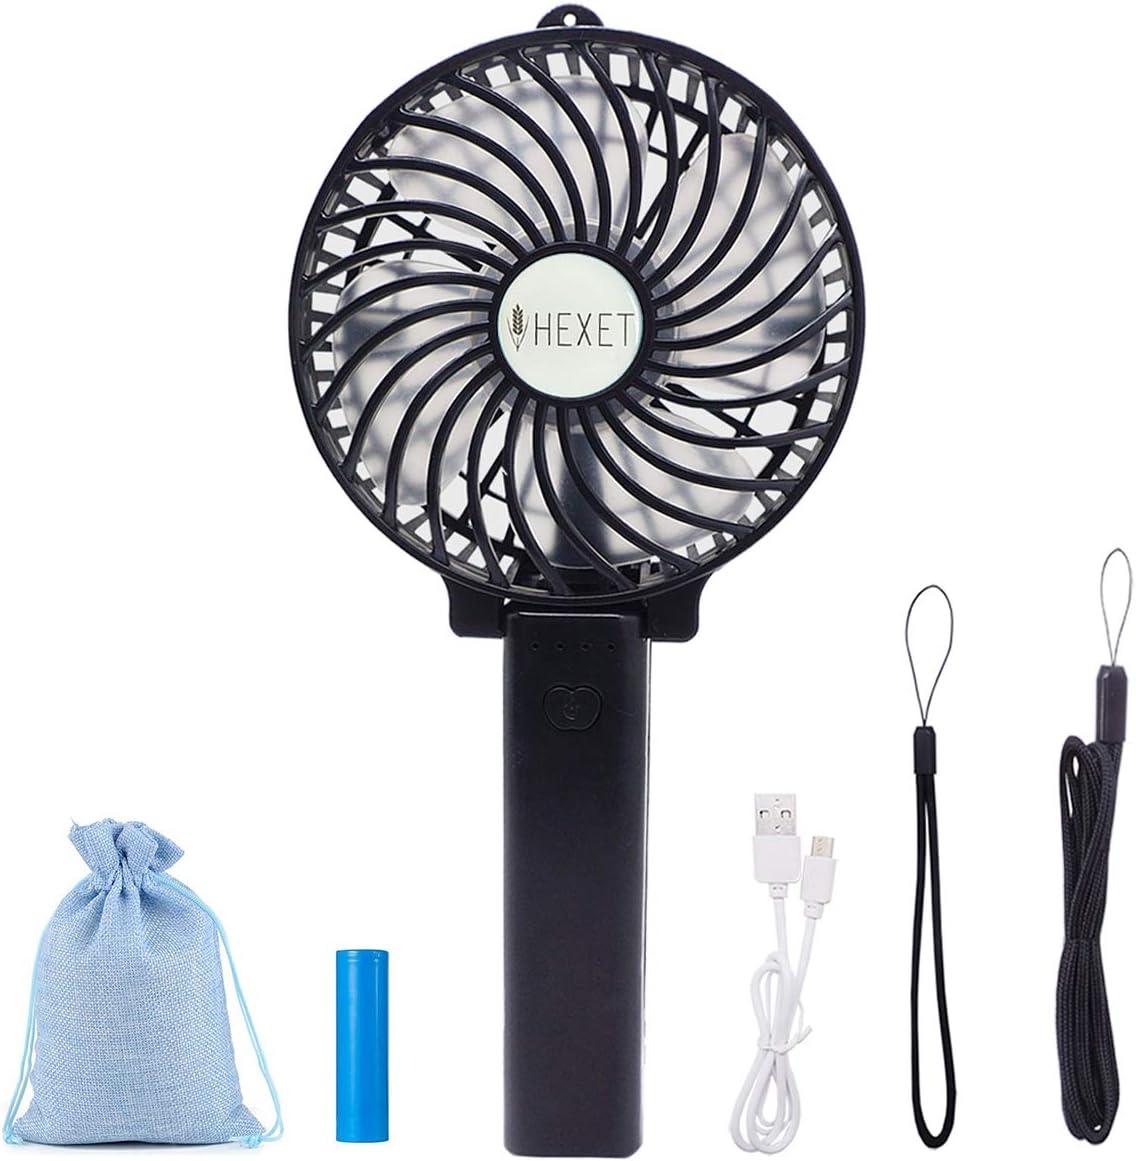 BENKS Mini Ventiladores de Mano Ventilador Port/átil USB con 3350 mAh LG Bater/ía 3 Niveles de Velocidad Ajustables Tiempo de Trabajo 2-7H para Oficina//Hogar//Playa//Camping//Coche Blanco